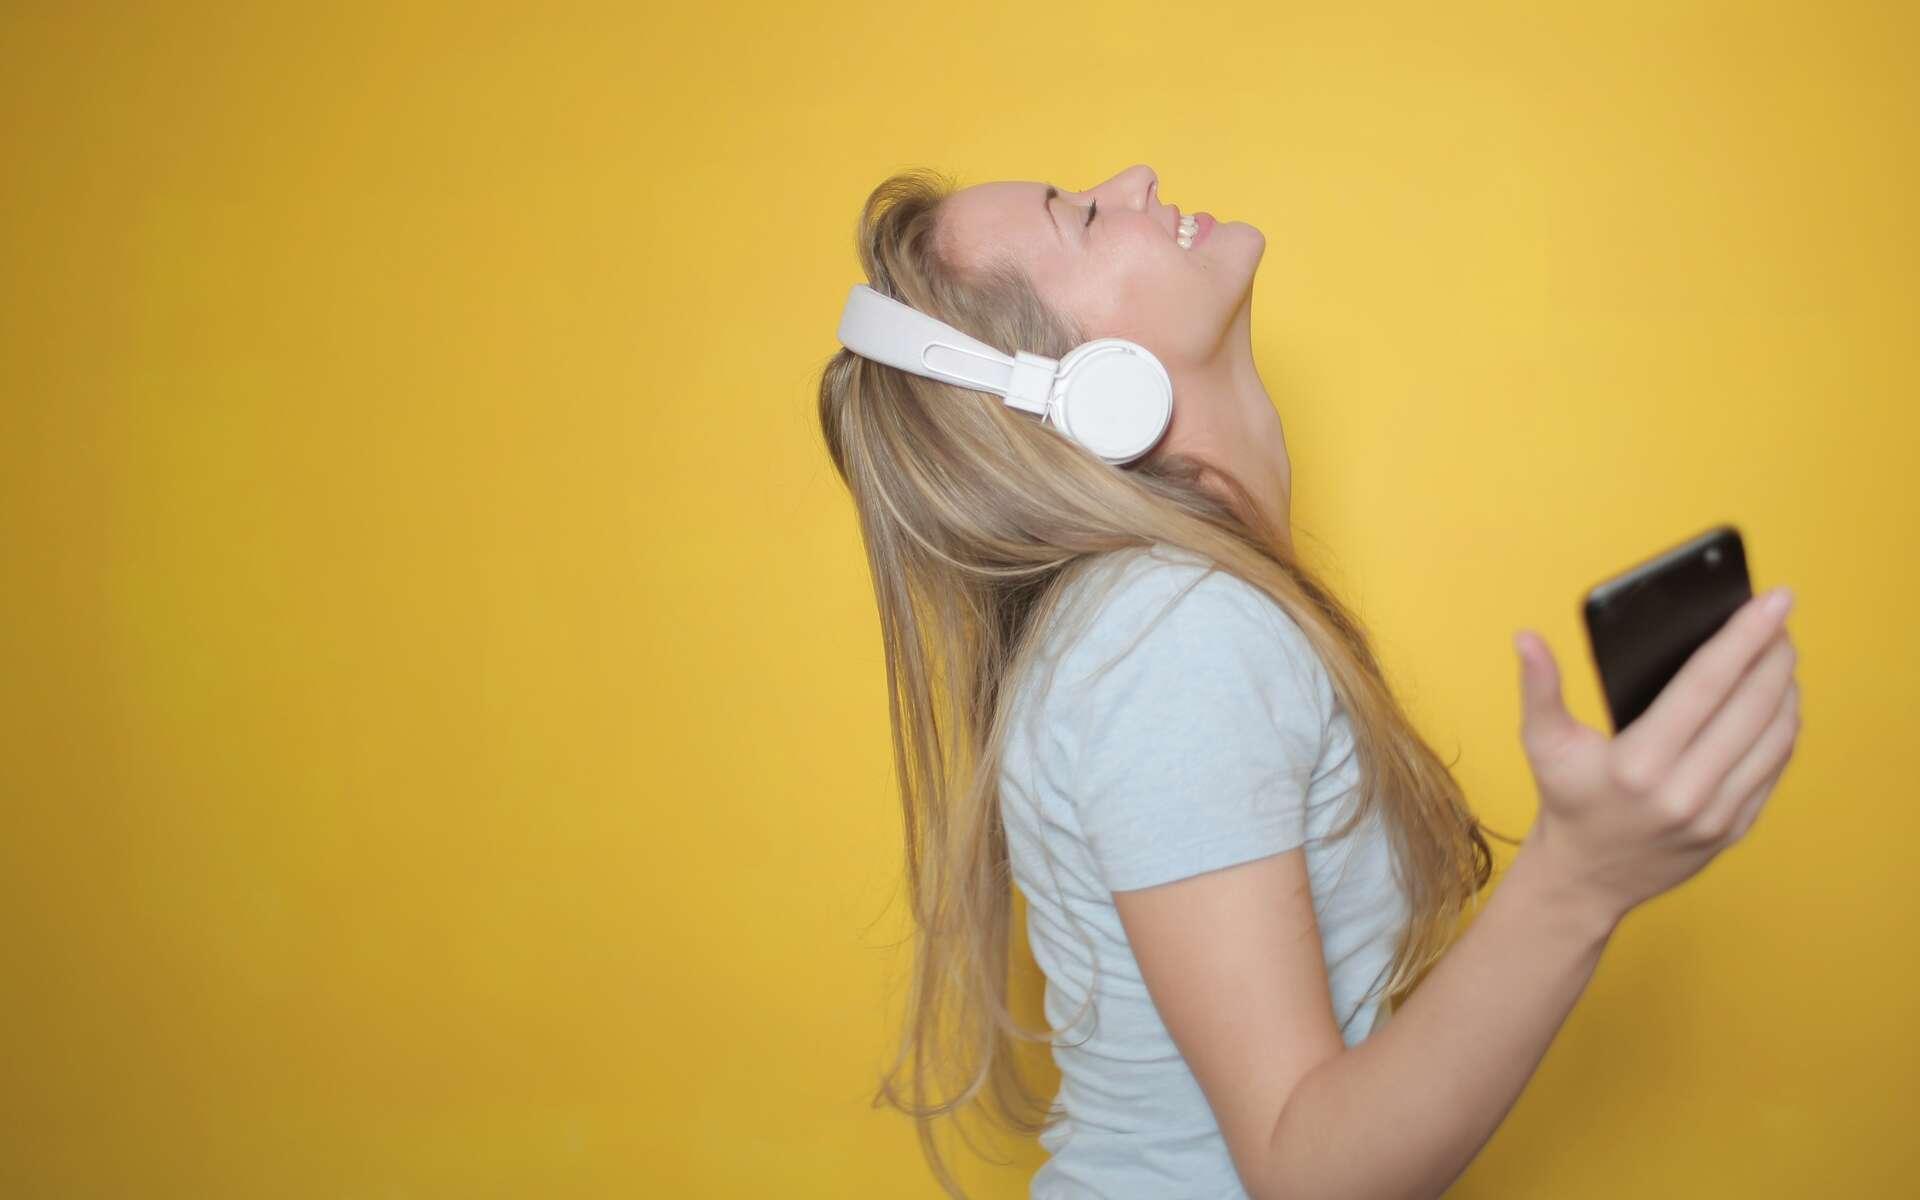 Ecoutez vos musiques en toute tranquillité avec les forfaits pas chers B&You © Andrea Piacquadio, Pexels